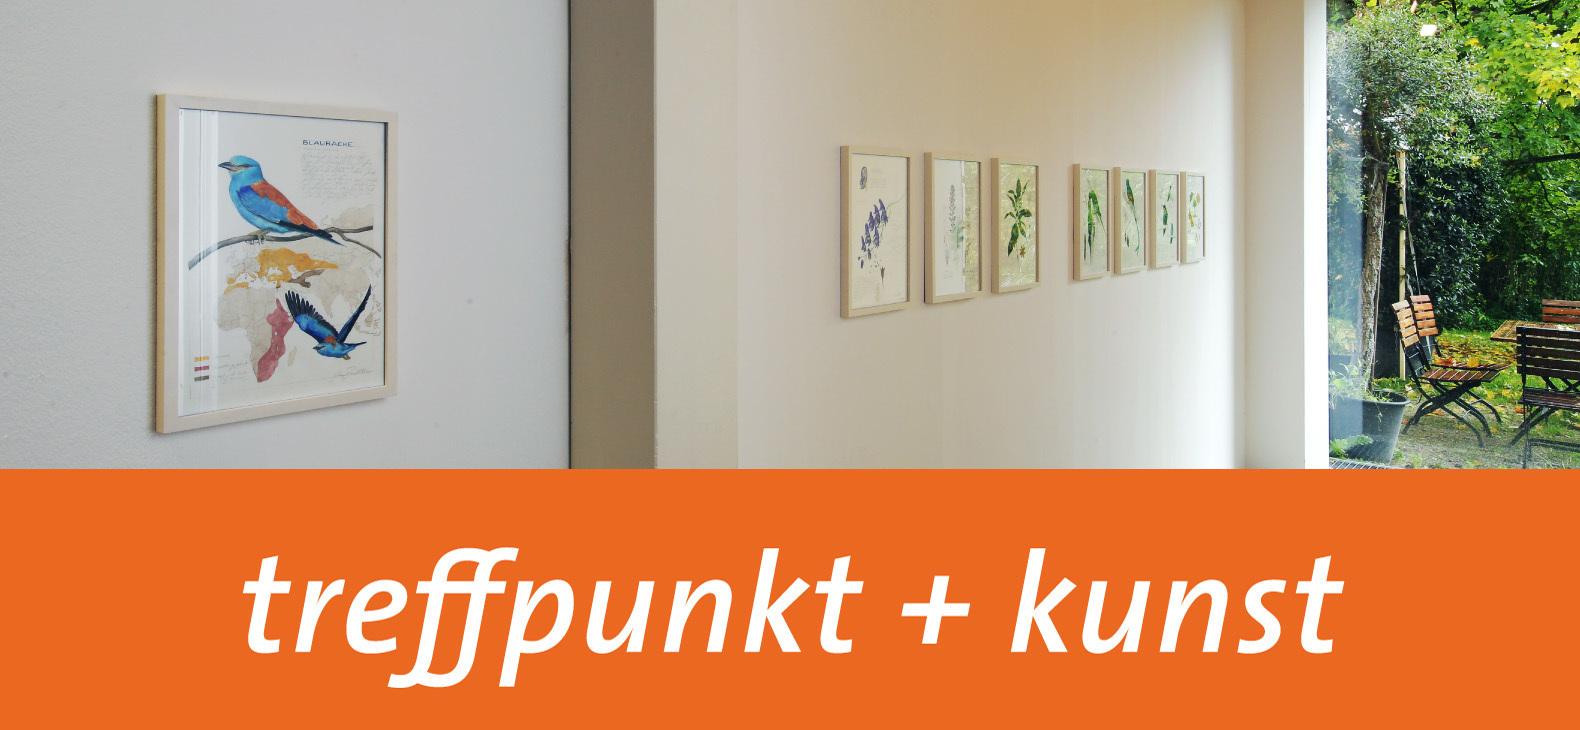 treffpunkt+kunst NATURE | LIFE